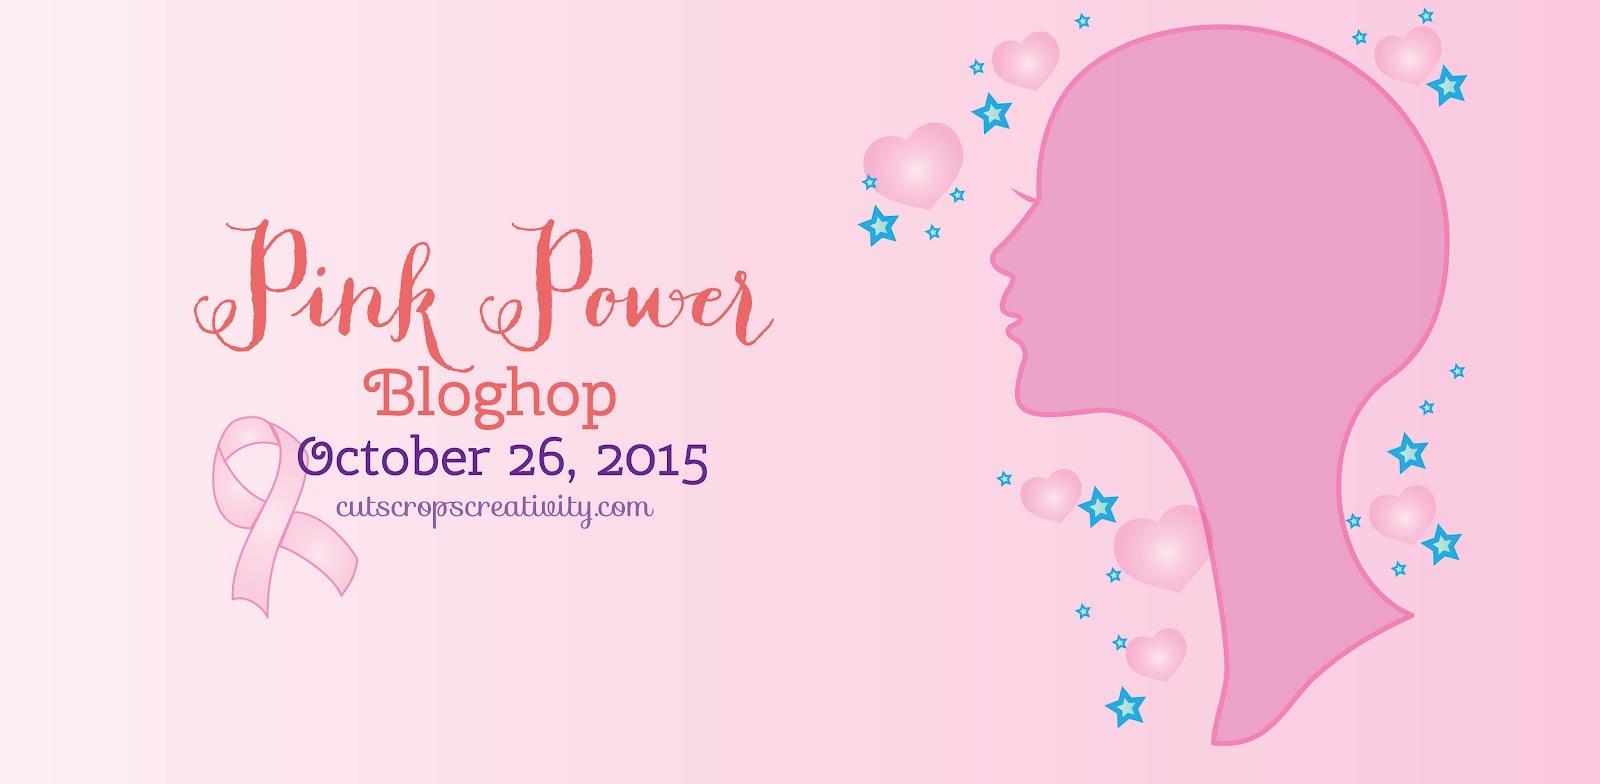 PinkPowerBloghop2015.jpg